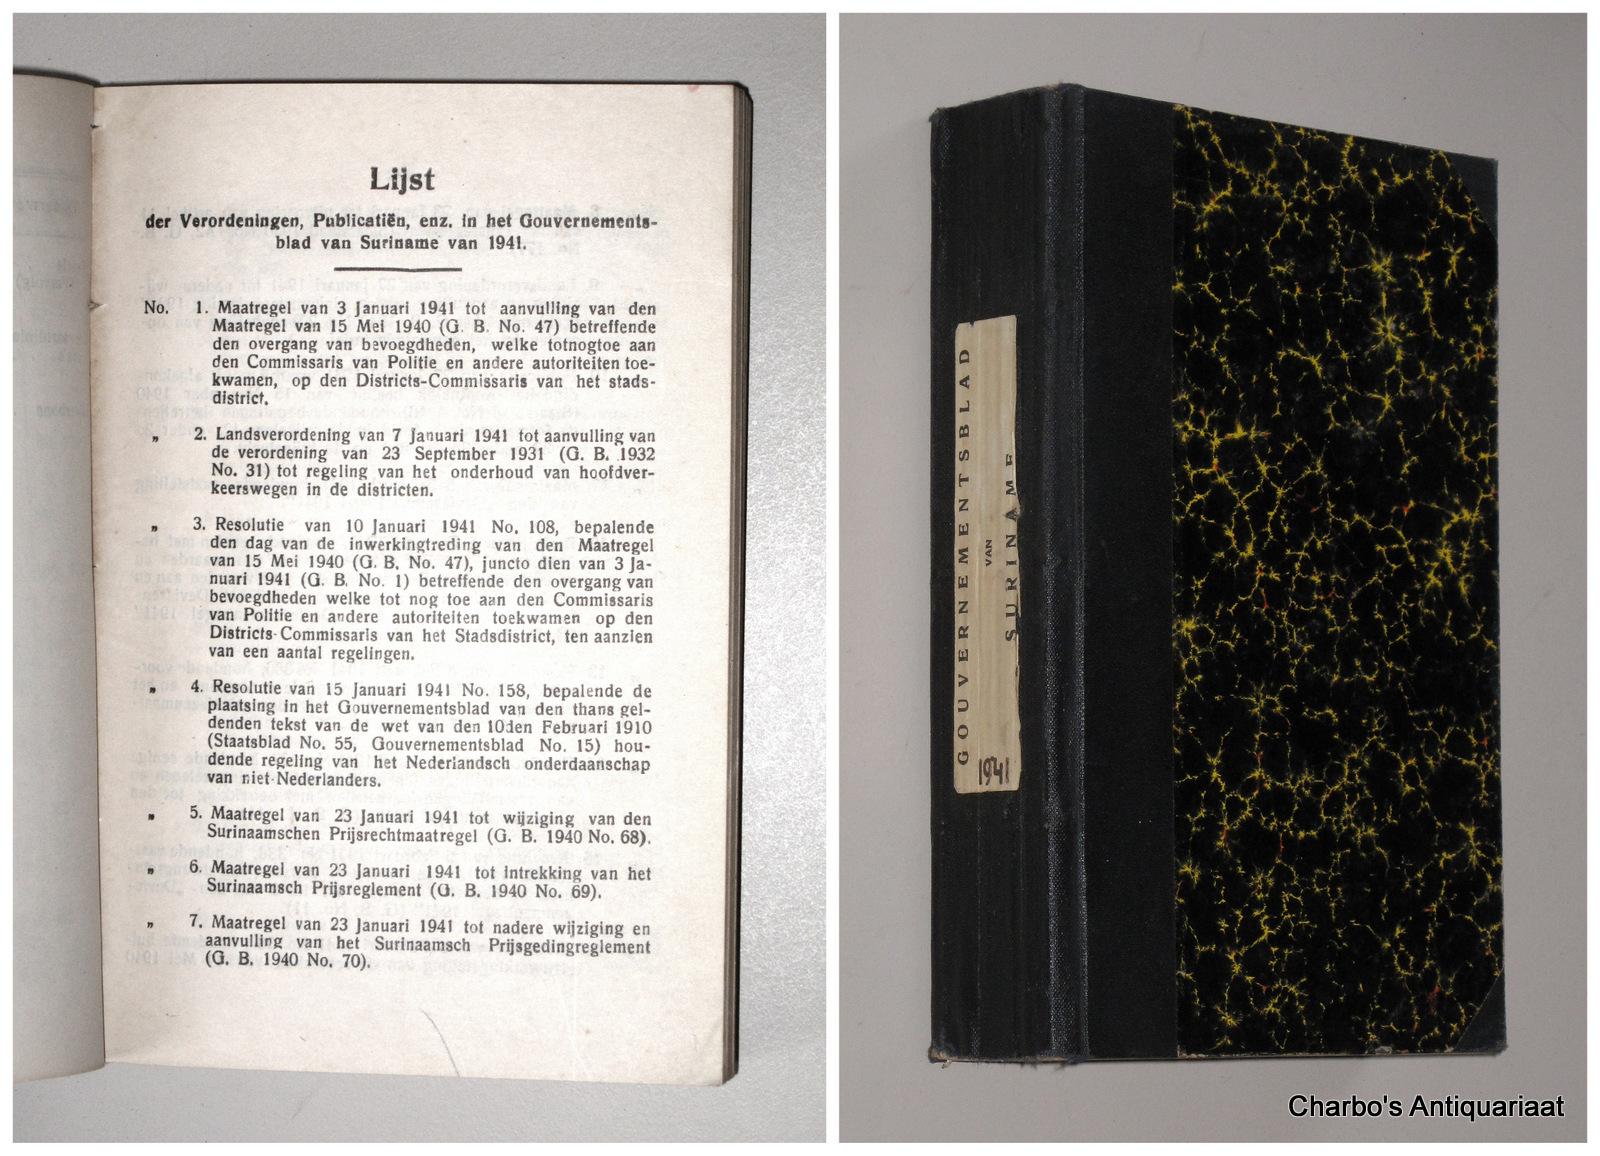 SURINAME. -  Gouvernementsblad van Suriname 1941.